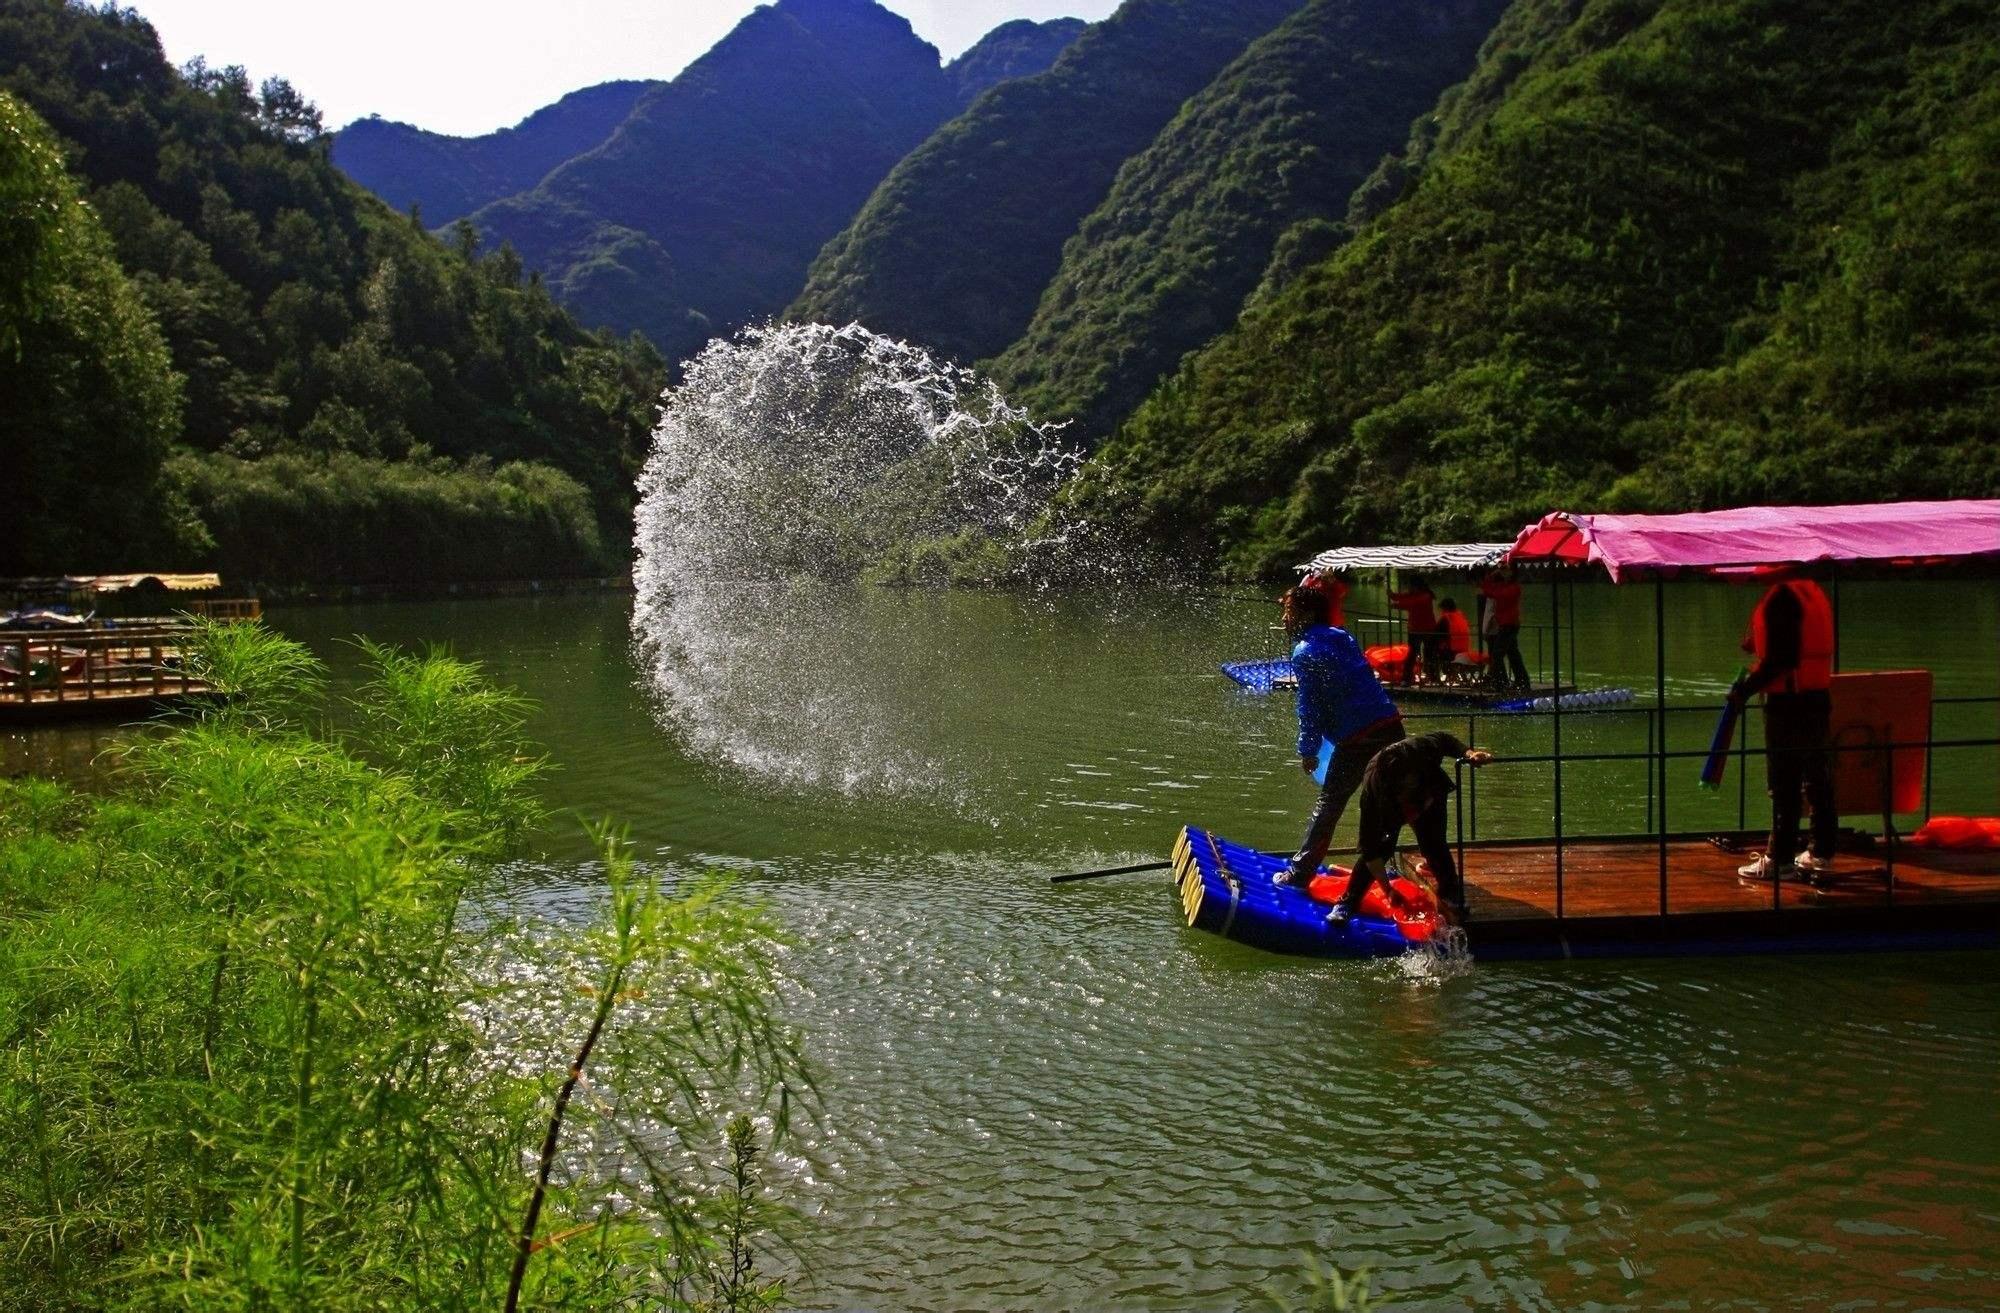 旅游    豫西大峡谷风景区,位于豫,秦,晋三省结合部的三门峡市卢氏县